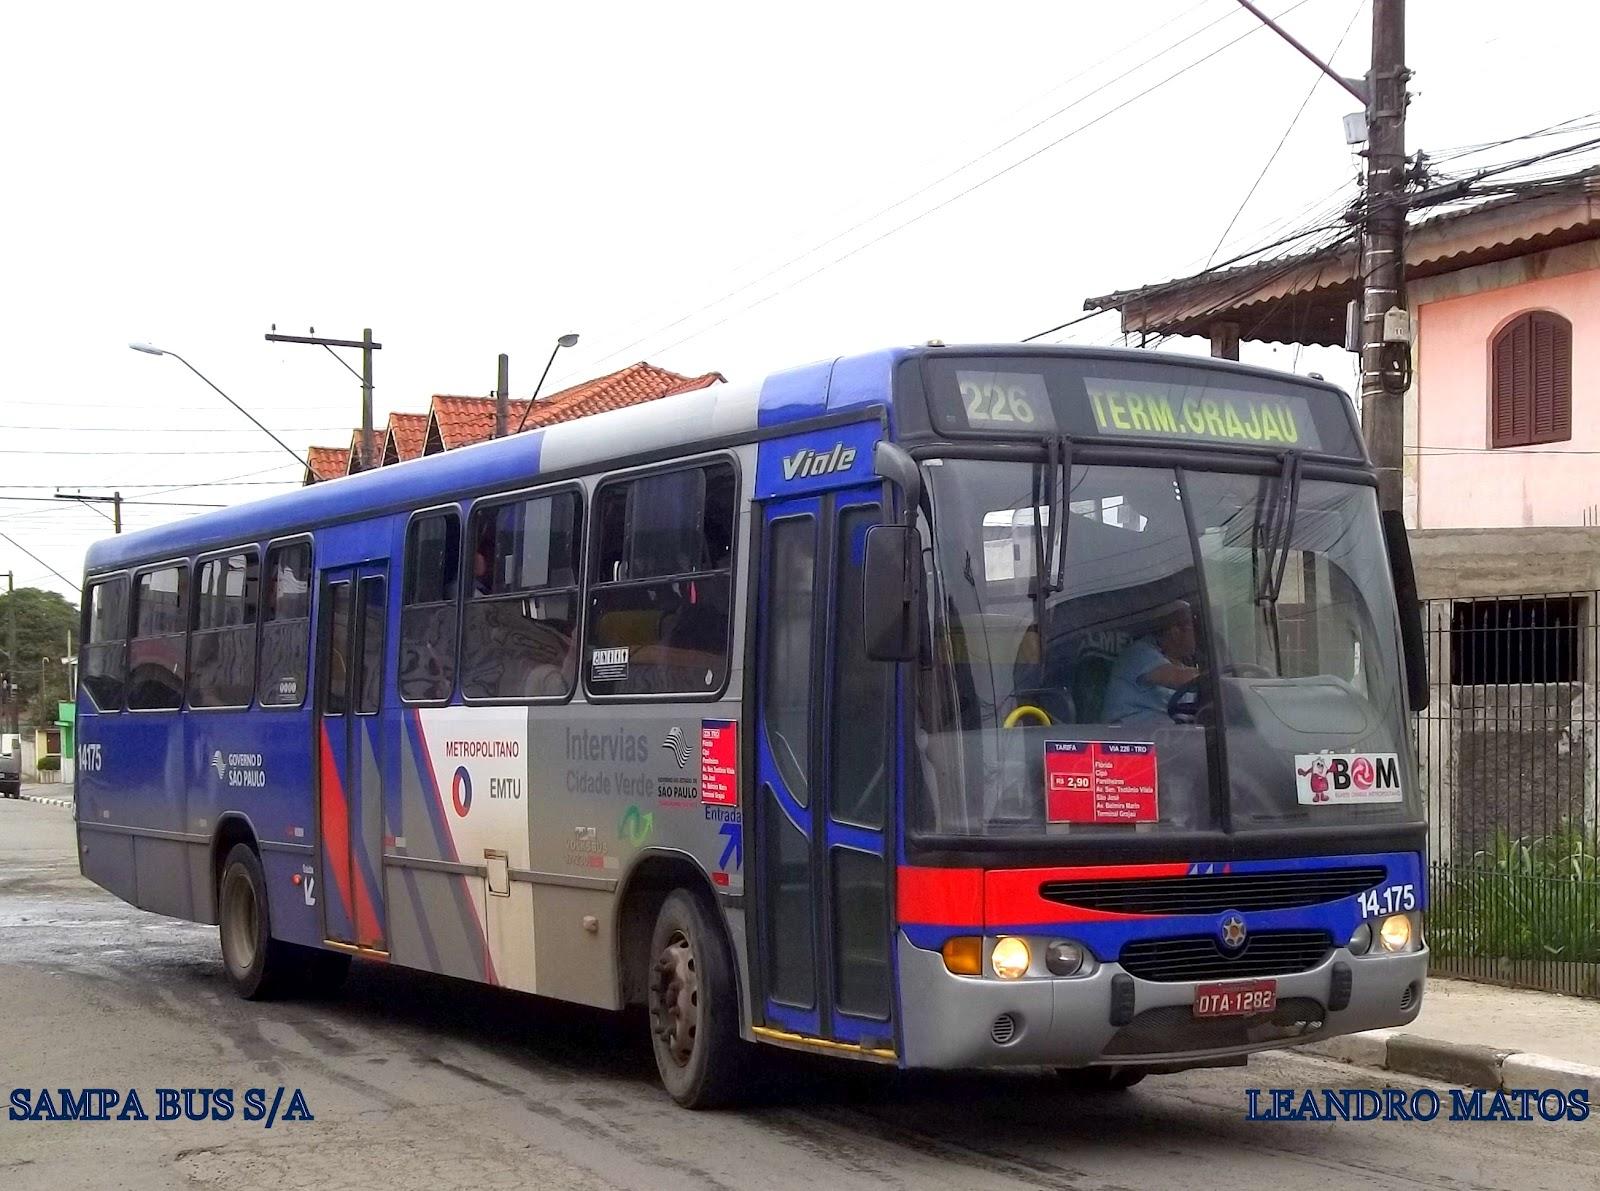 Sampa Bus S A Urbanos Emtu